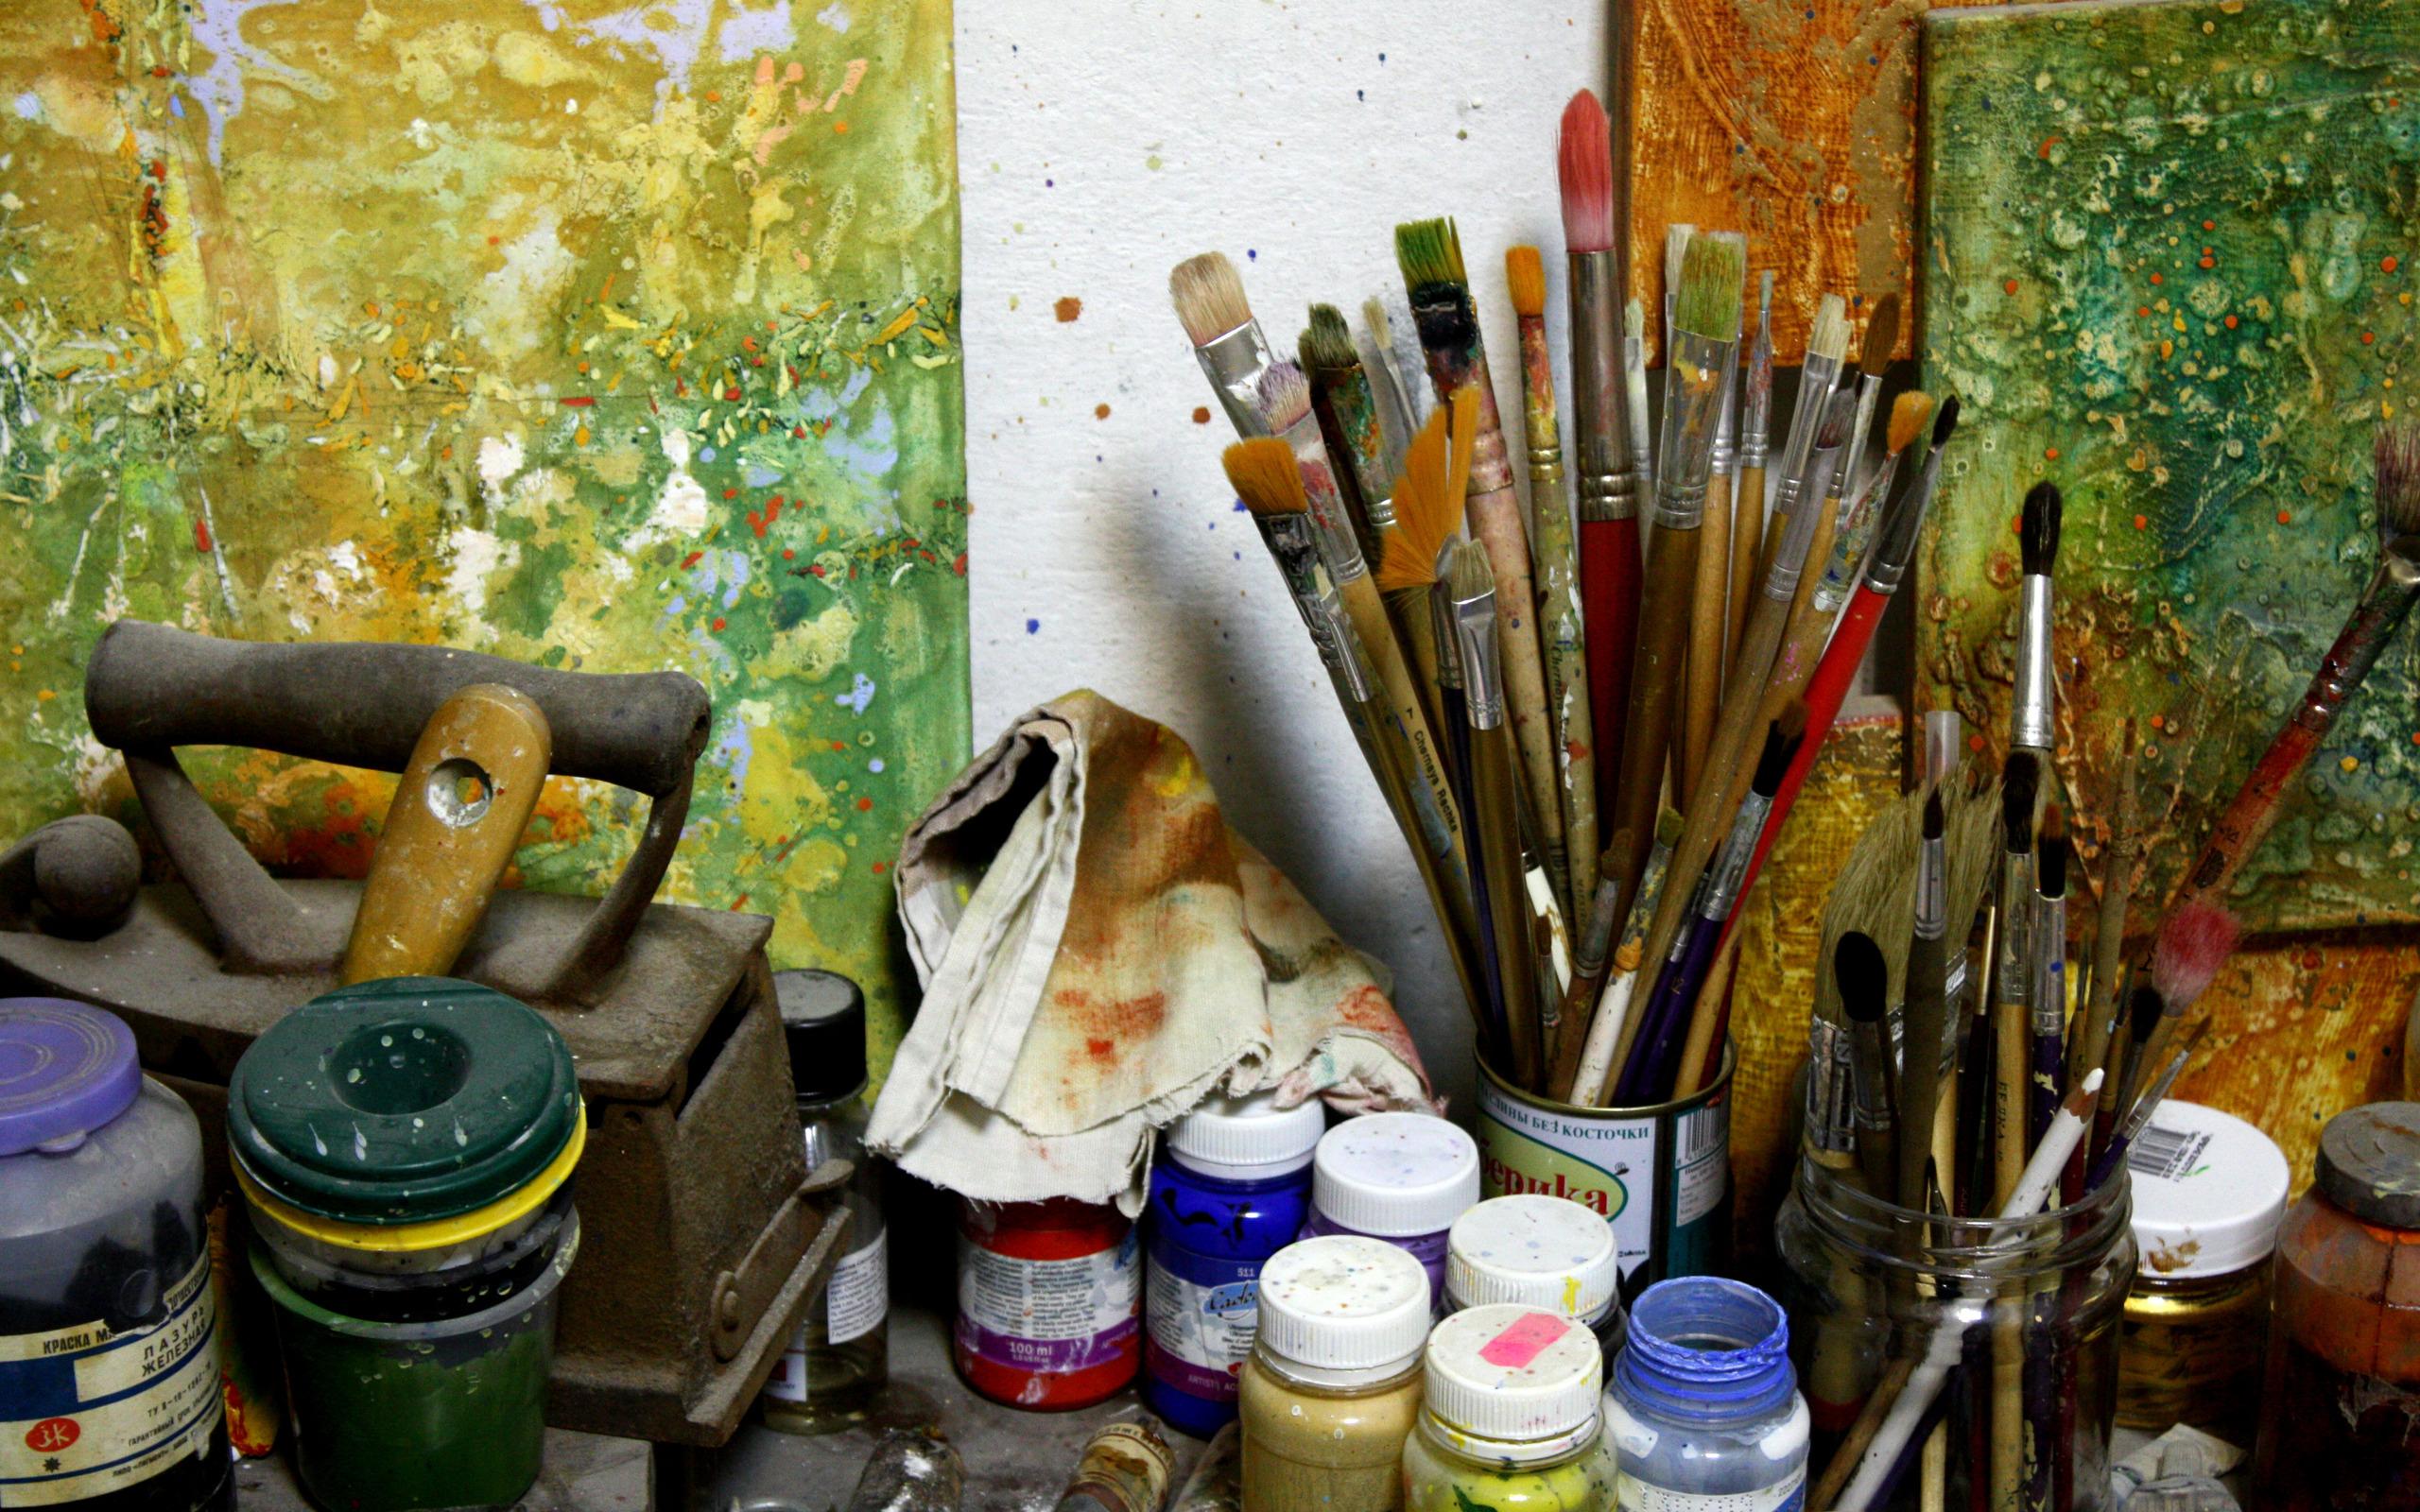 Картинки художественные материалы, картинки поздравления